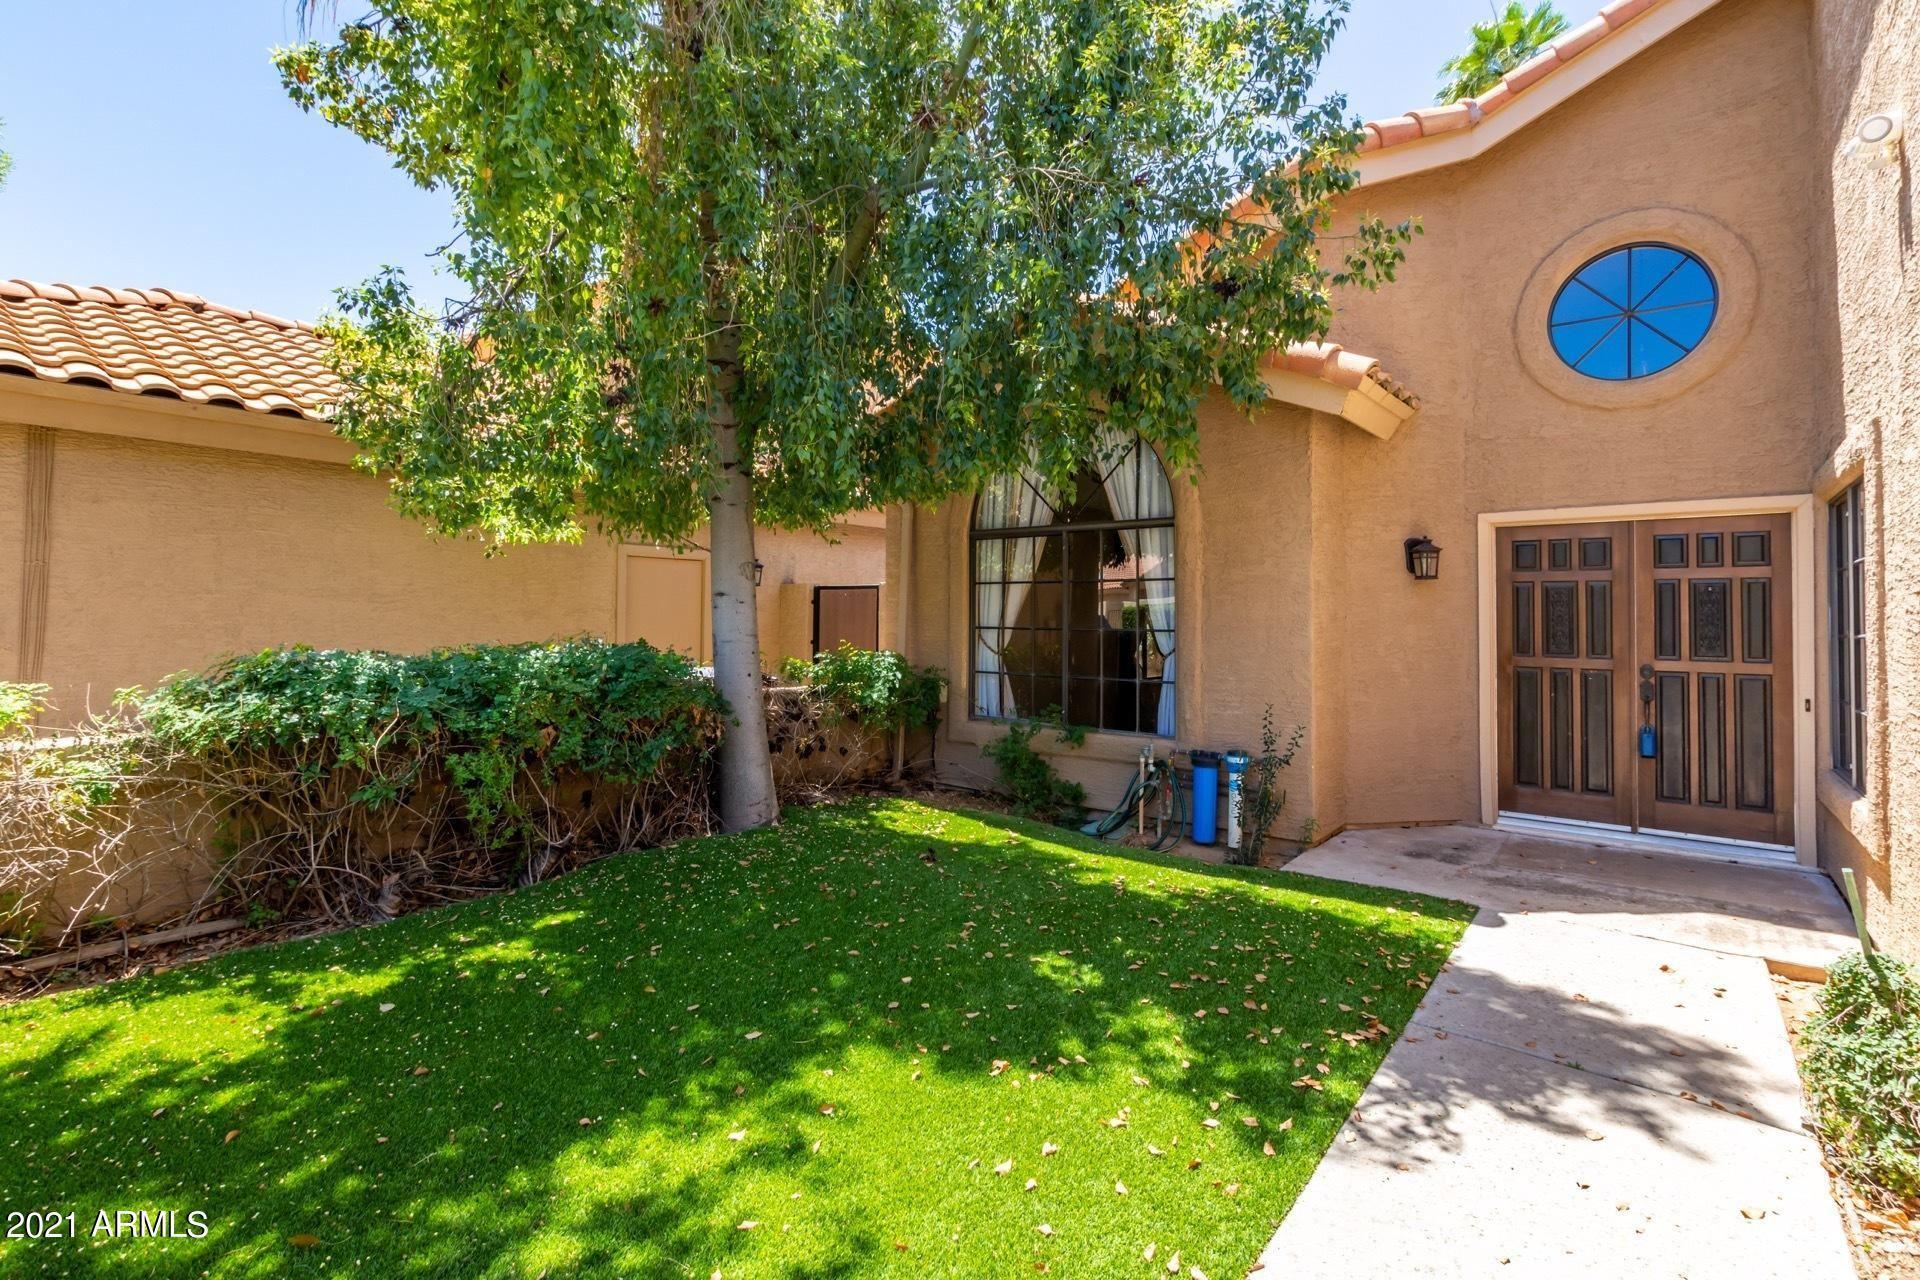 39 E LA VIEVE Lane, Tempe, AZ 85284 - MLS#: 6241863